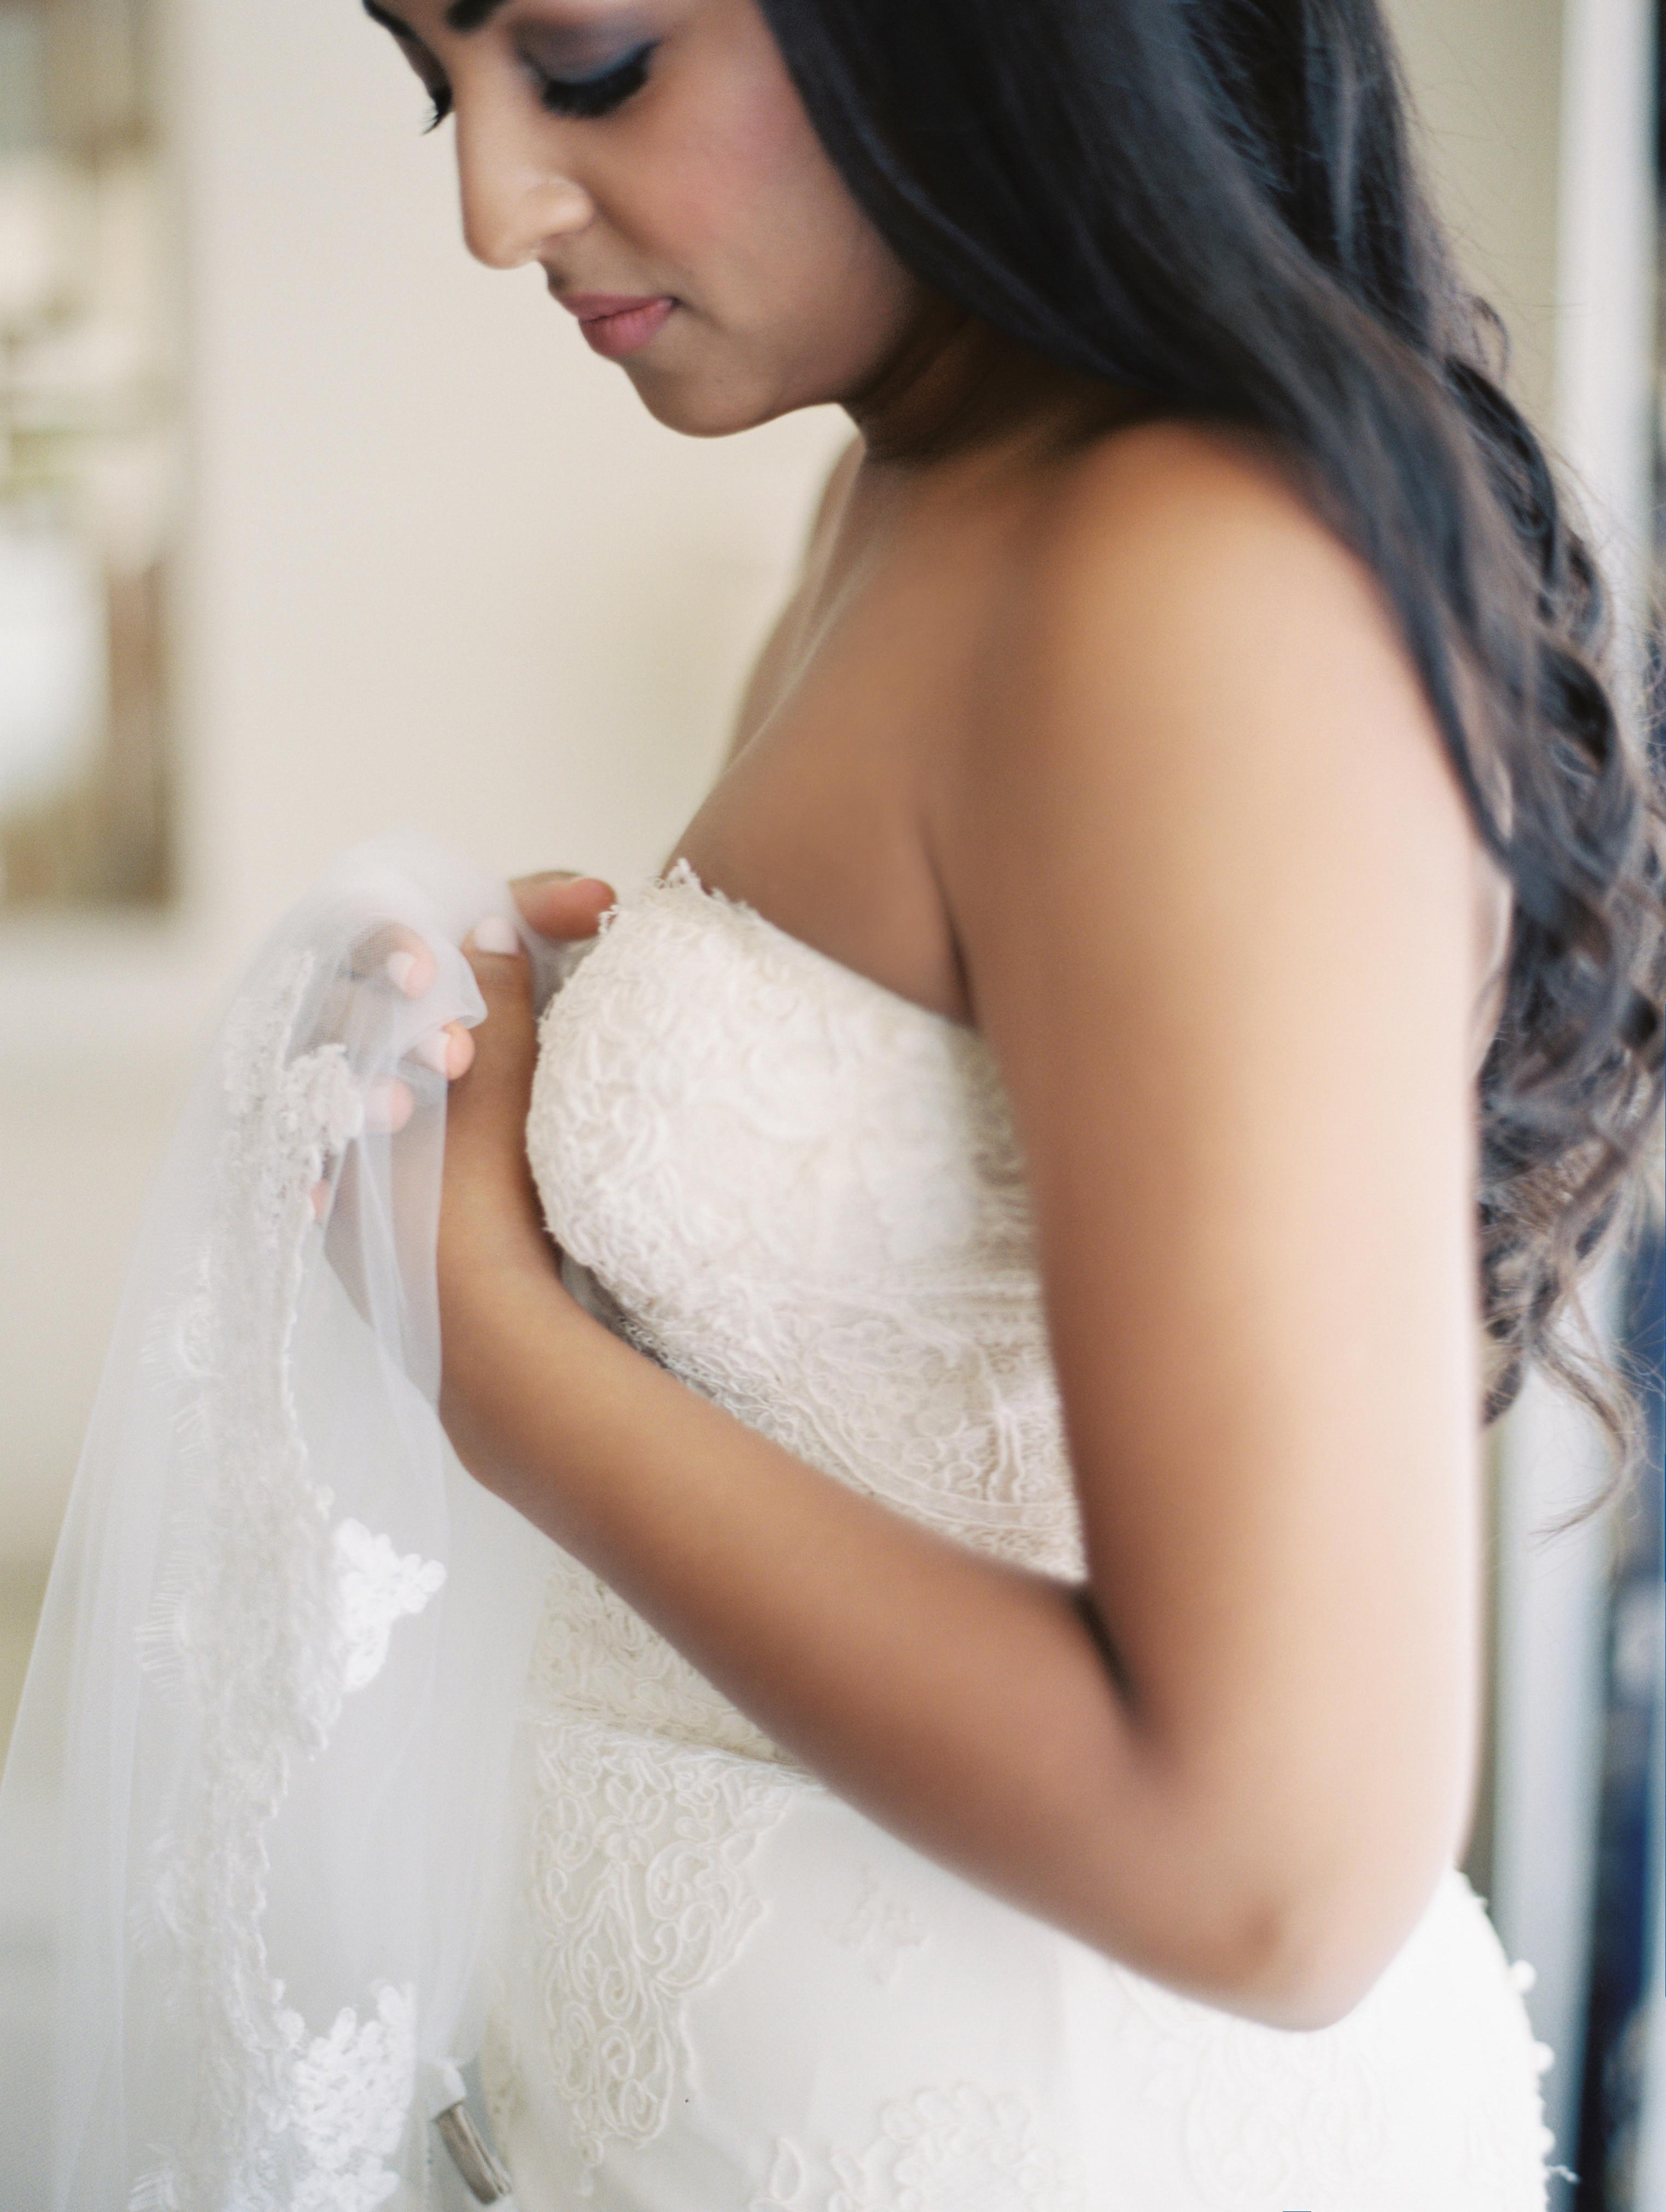 bride-lace-gown-veil